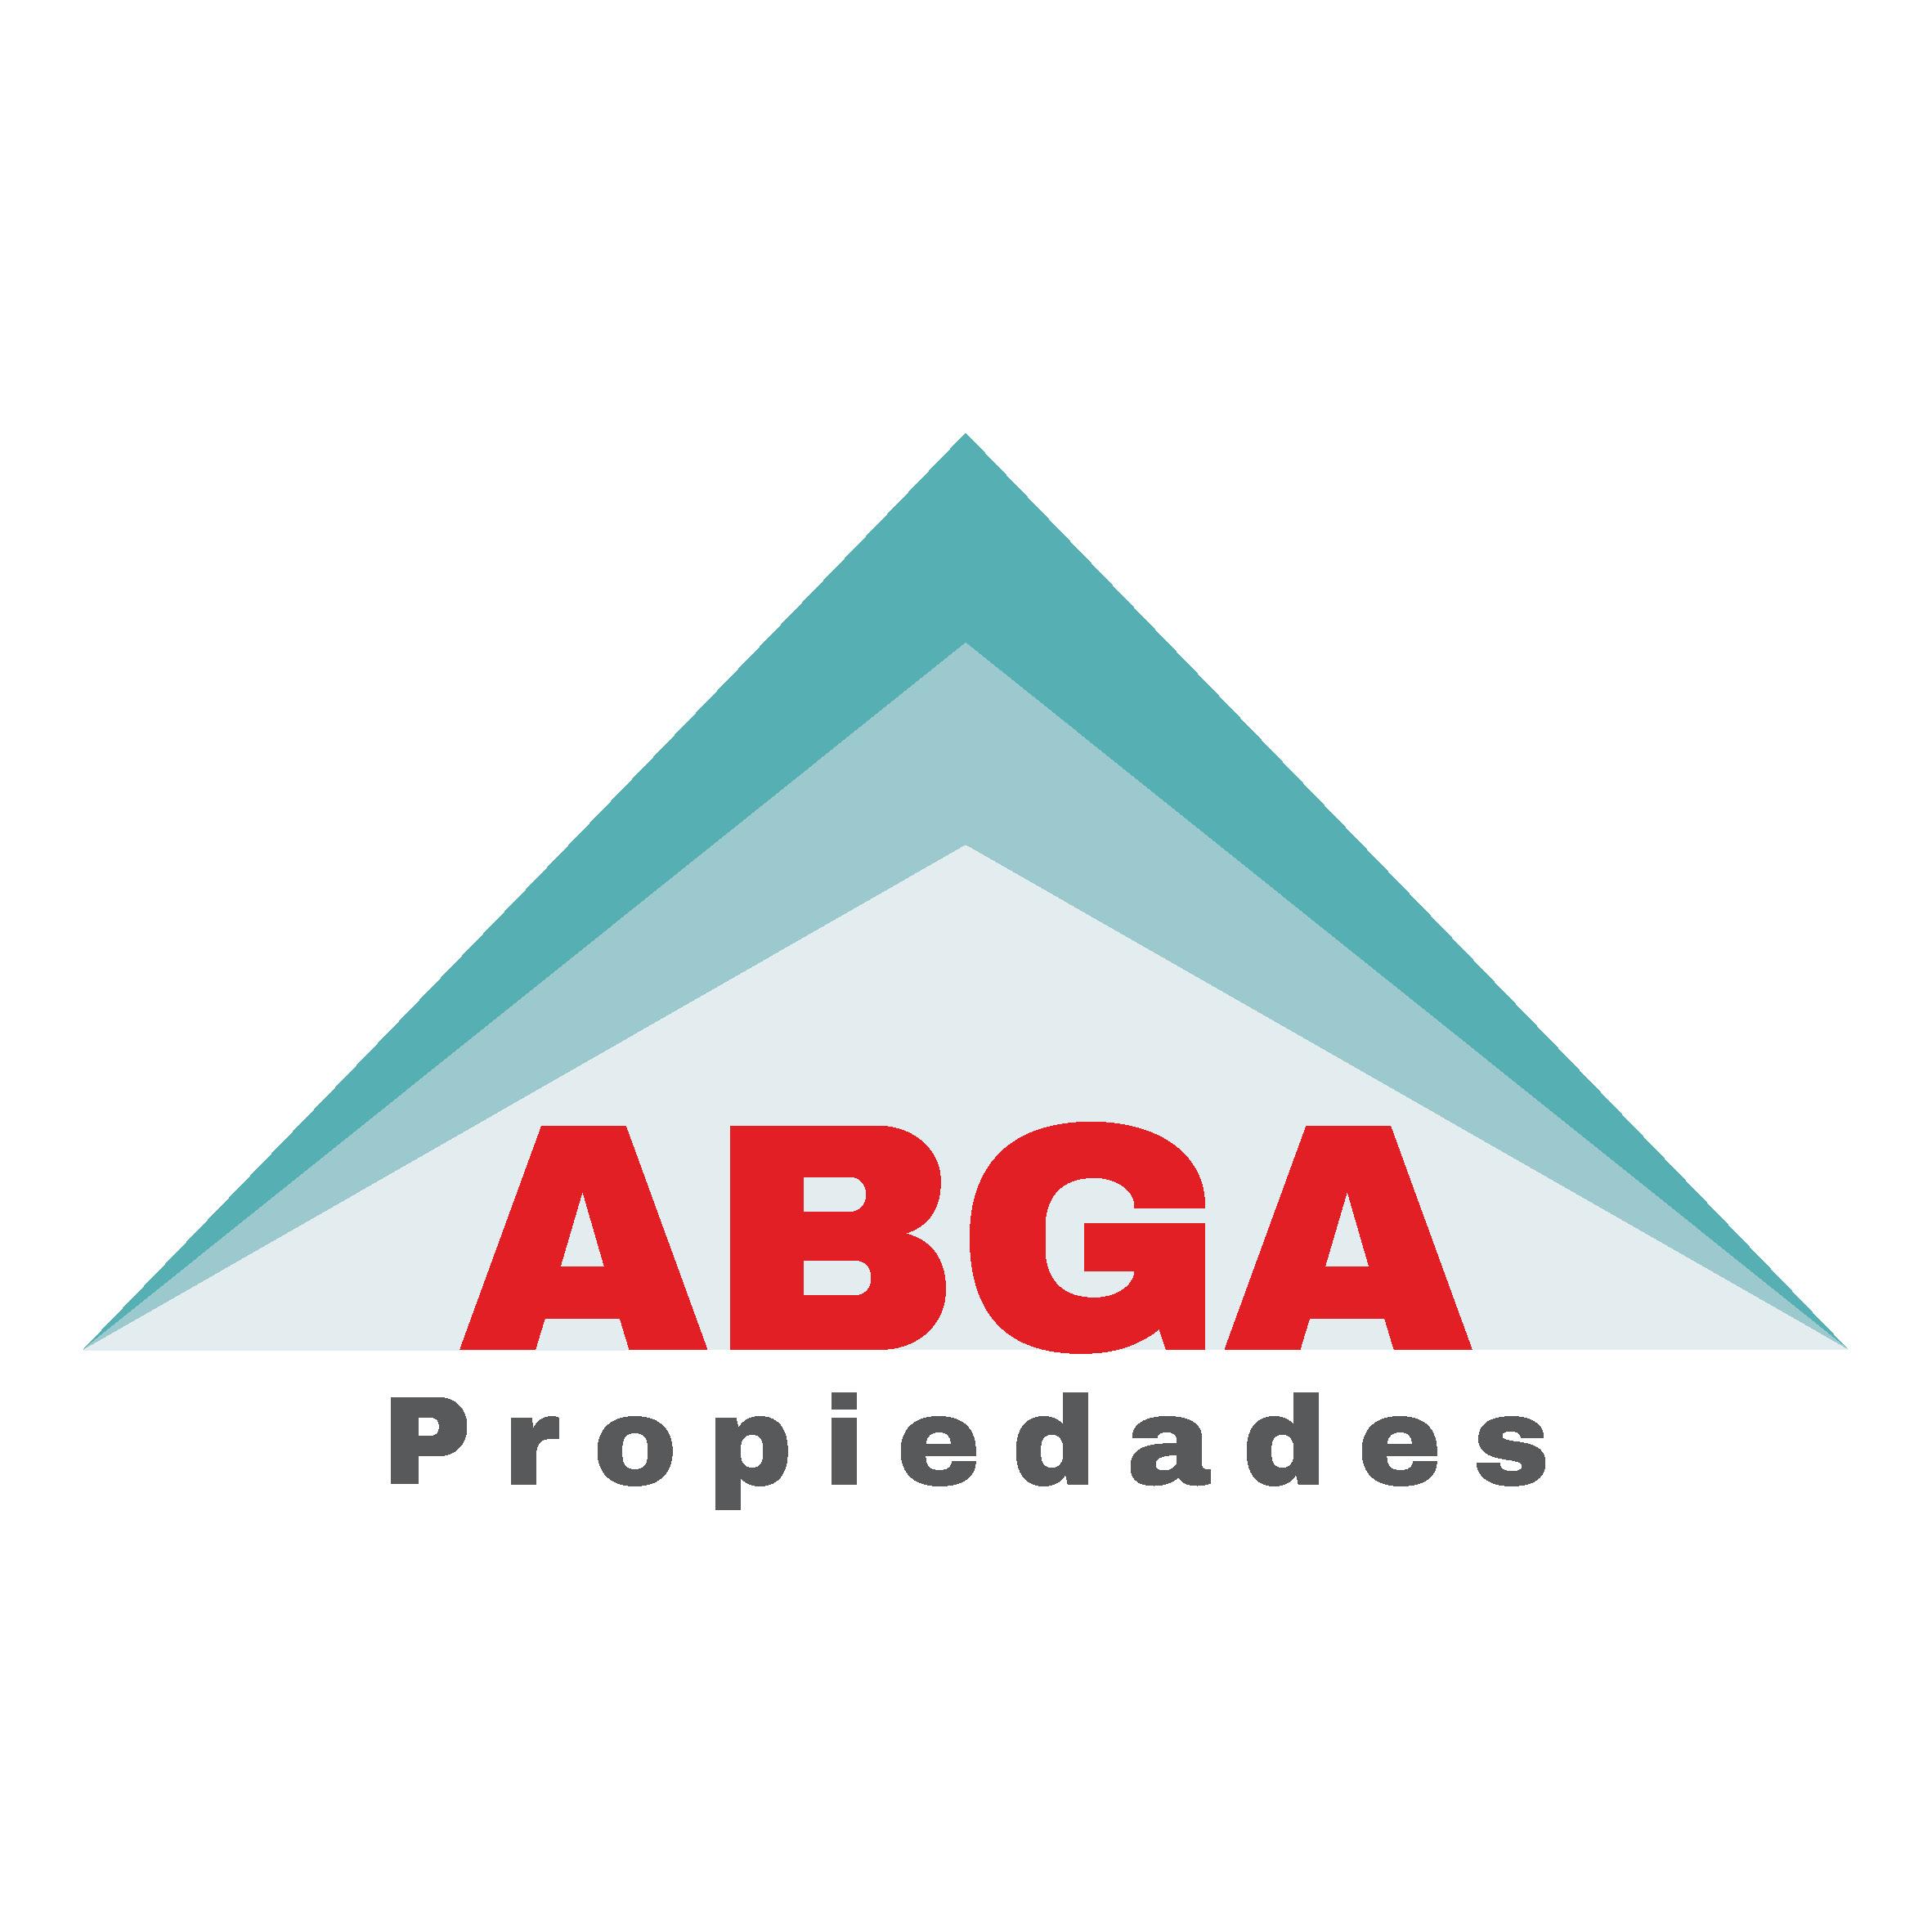 ABGA PROPIEDADES